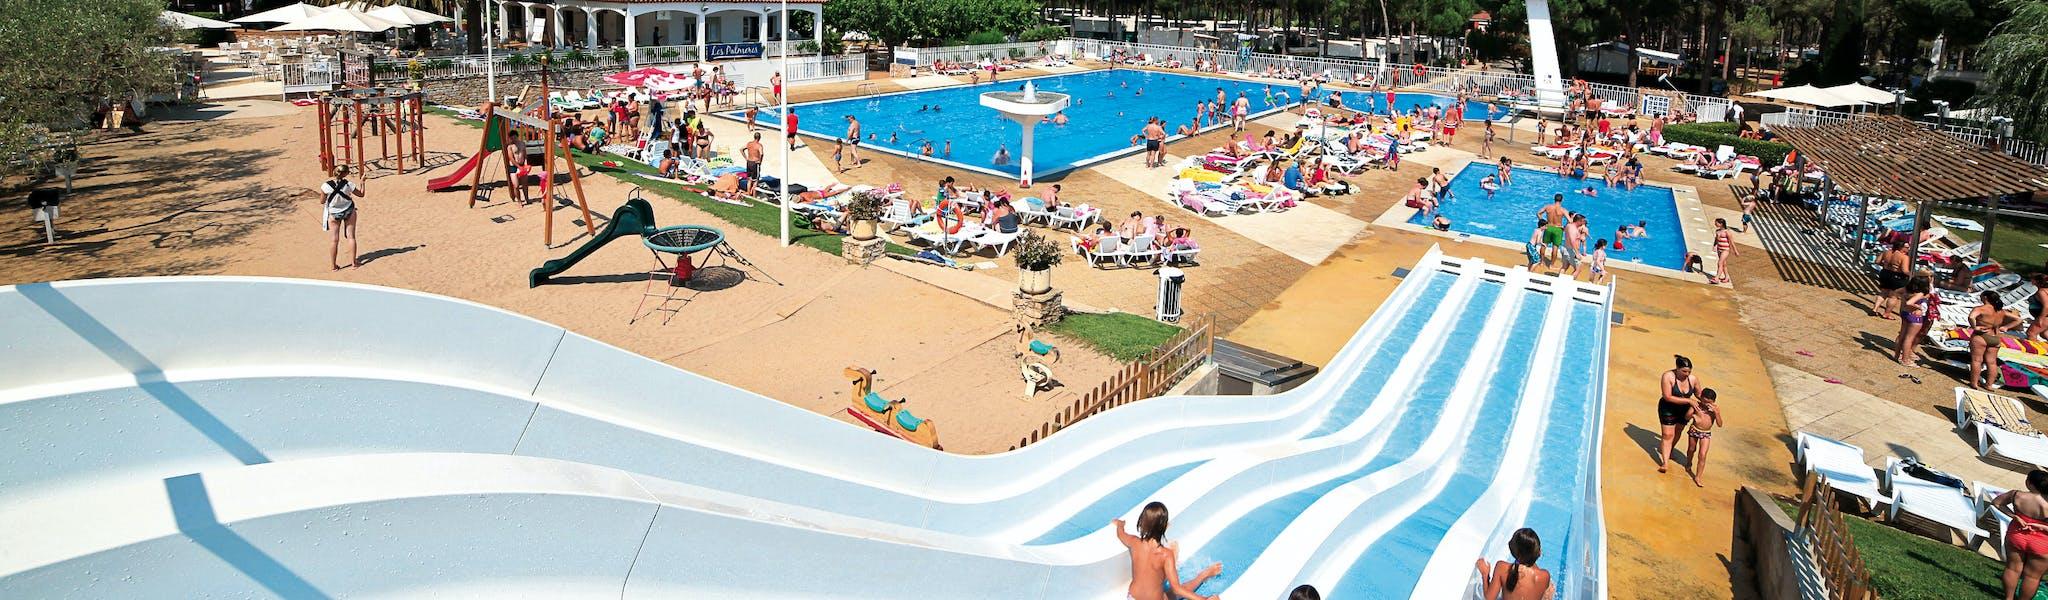 Buitenzwembad met waterglijbaan camp Cypsela